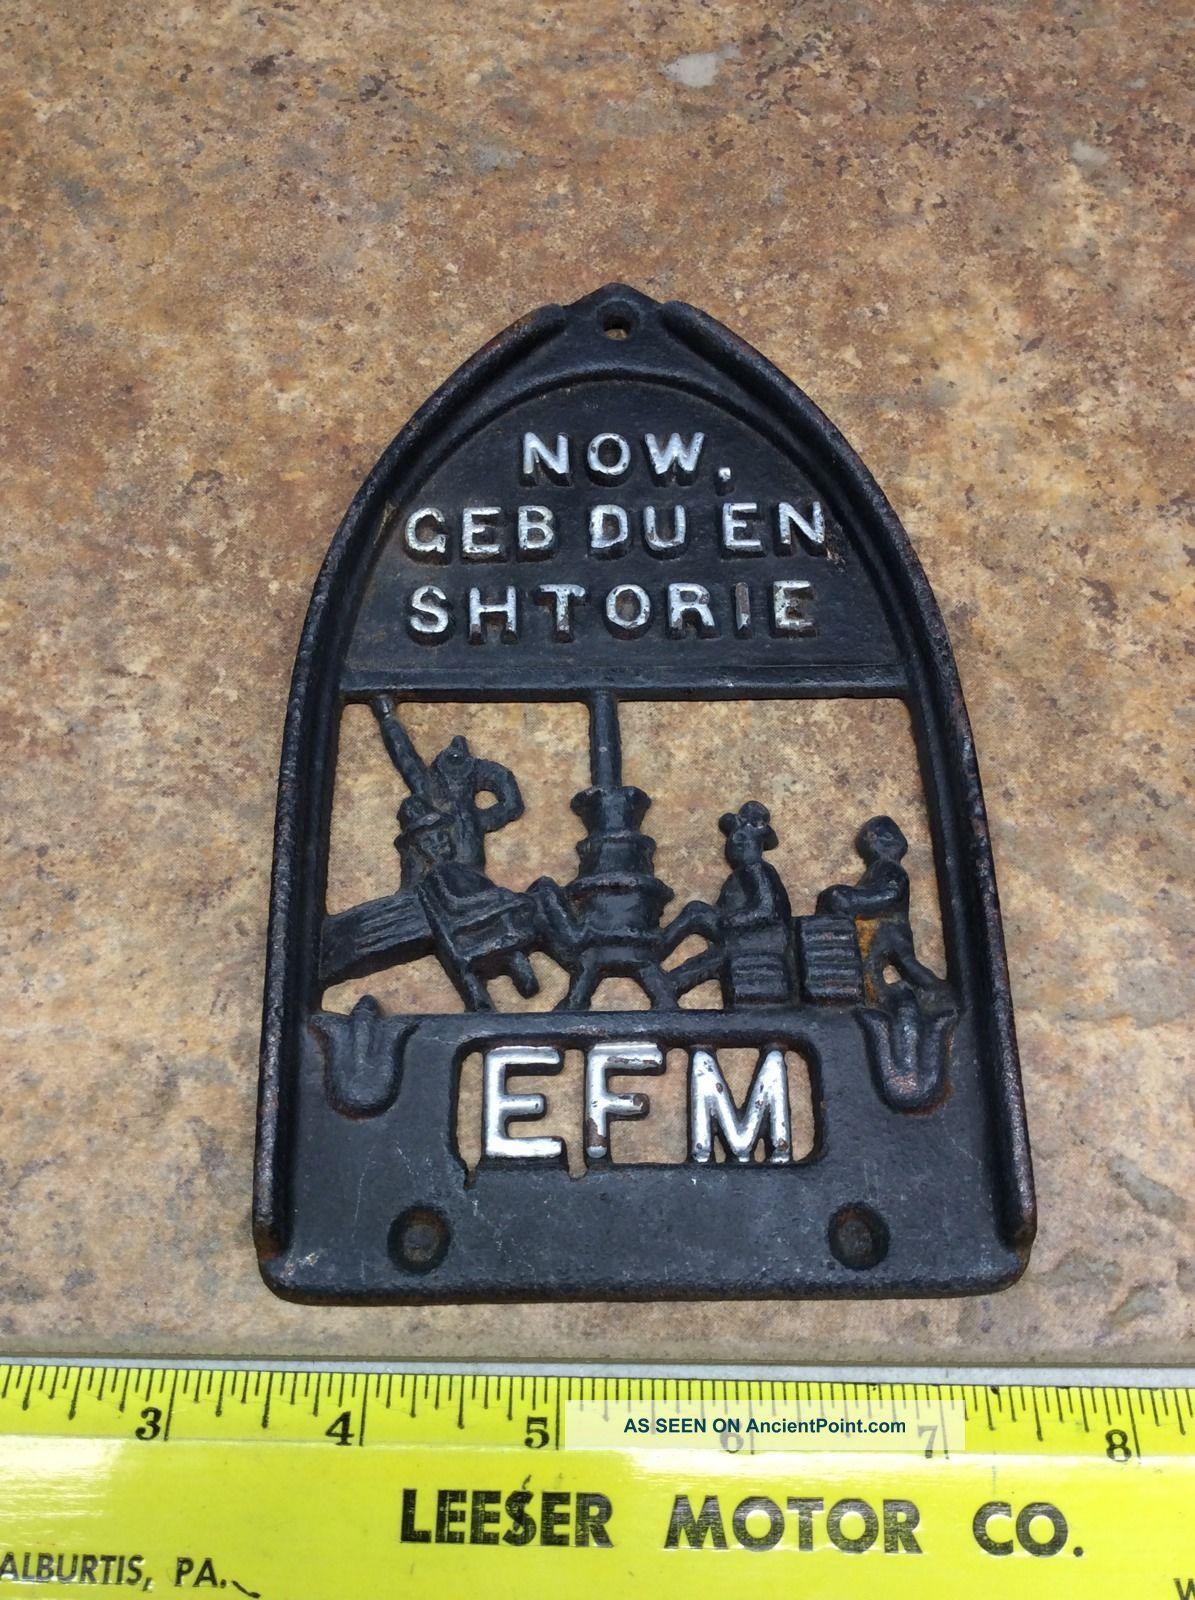 Vintage Cast Iron Efm Trivet Now Geb Du En Shtorie Trivets photo